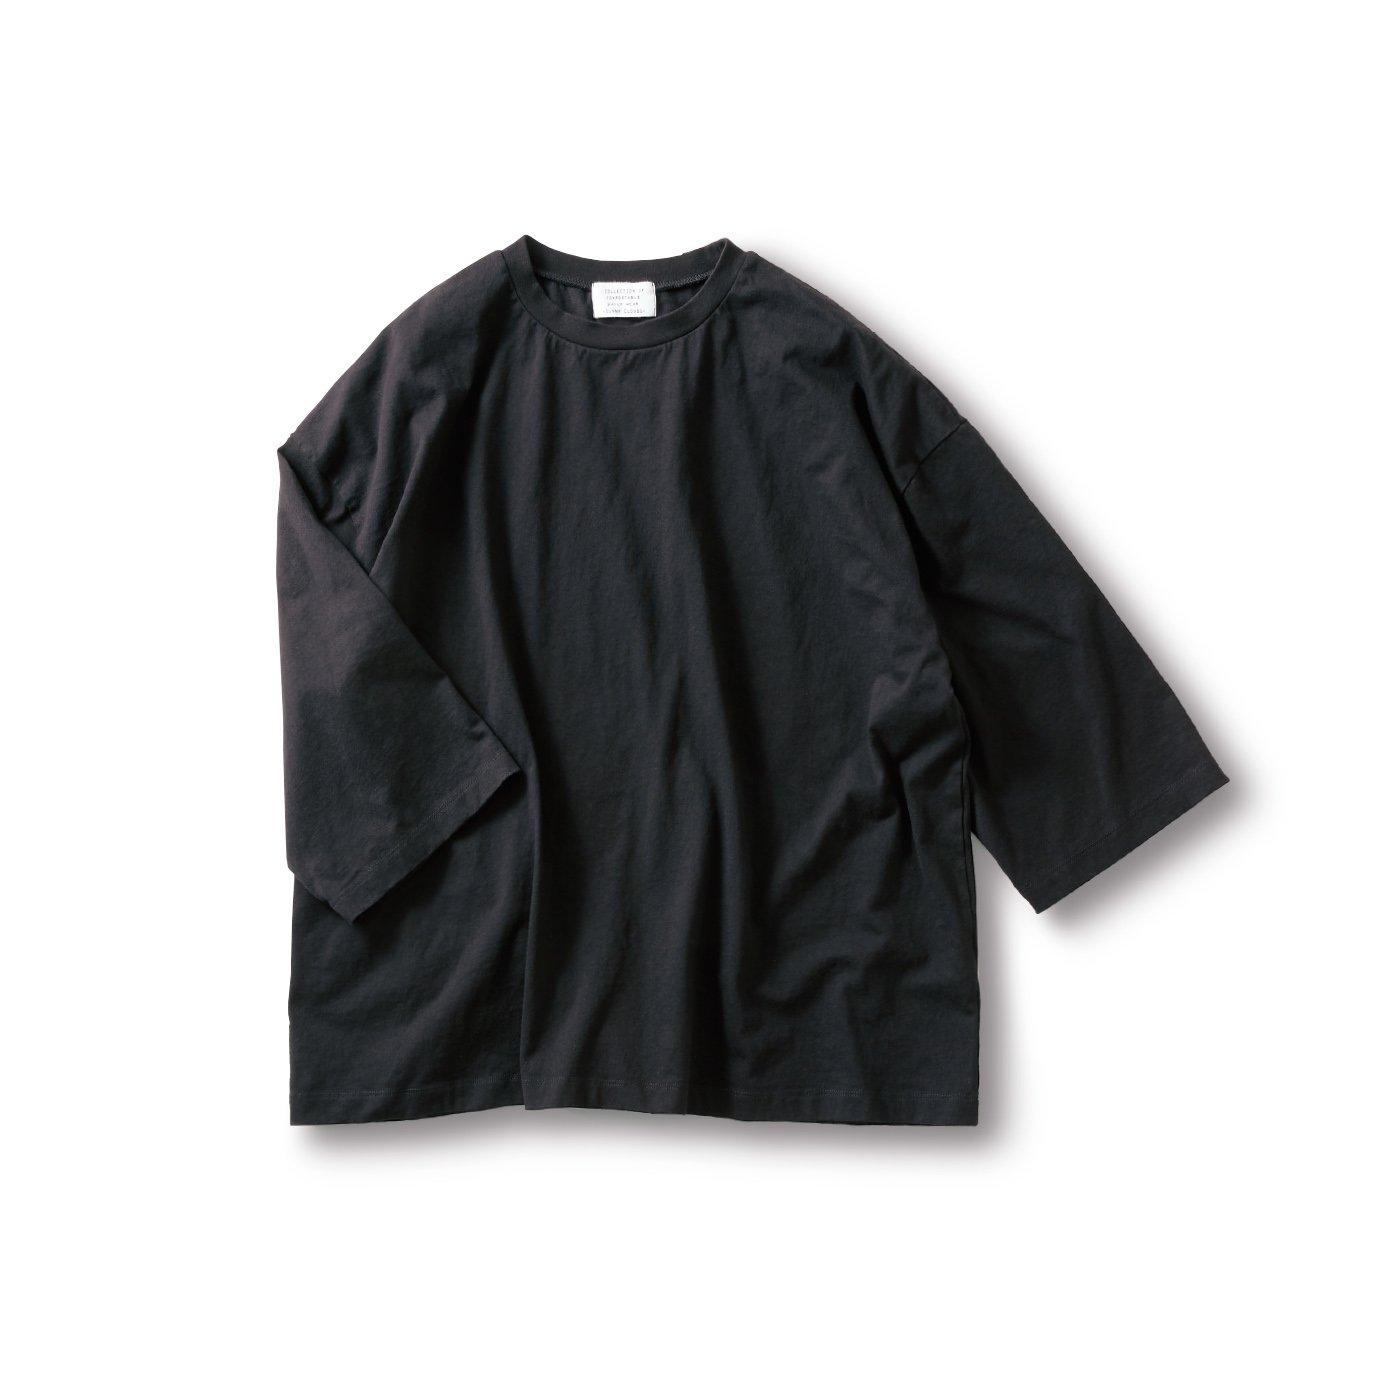 サニークラウズ 半端袖Tシャツ〈メンズ〉黒